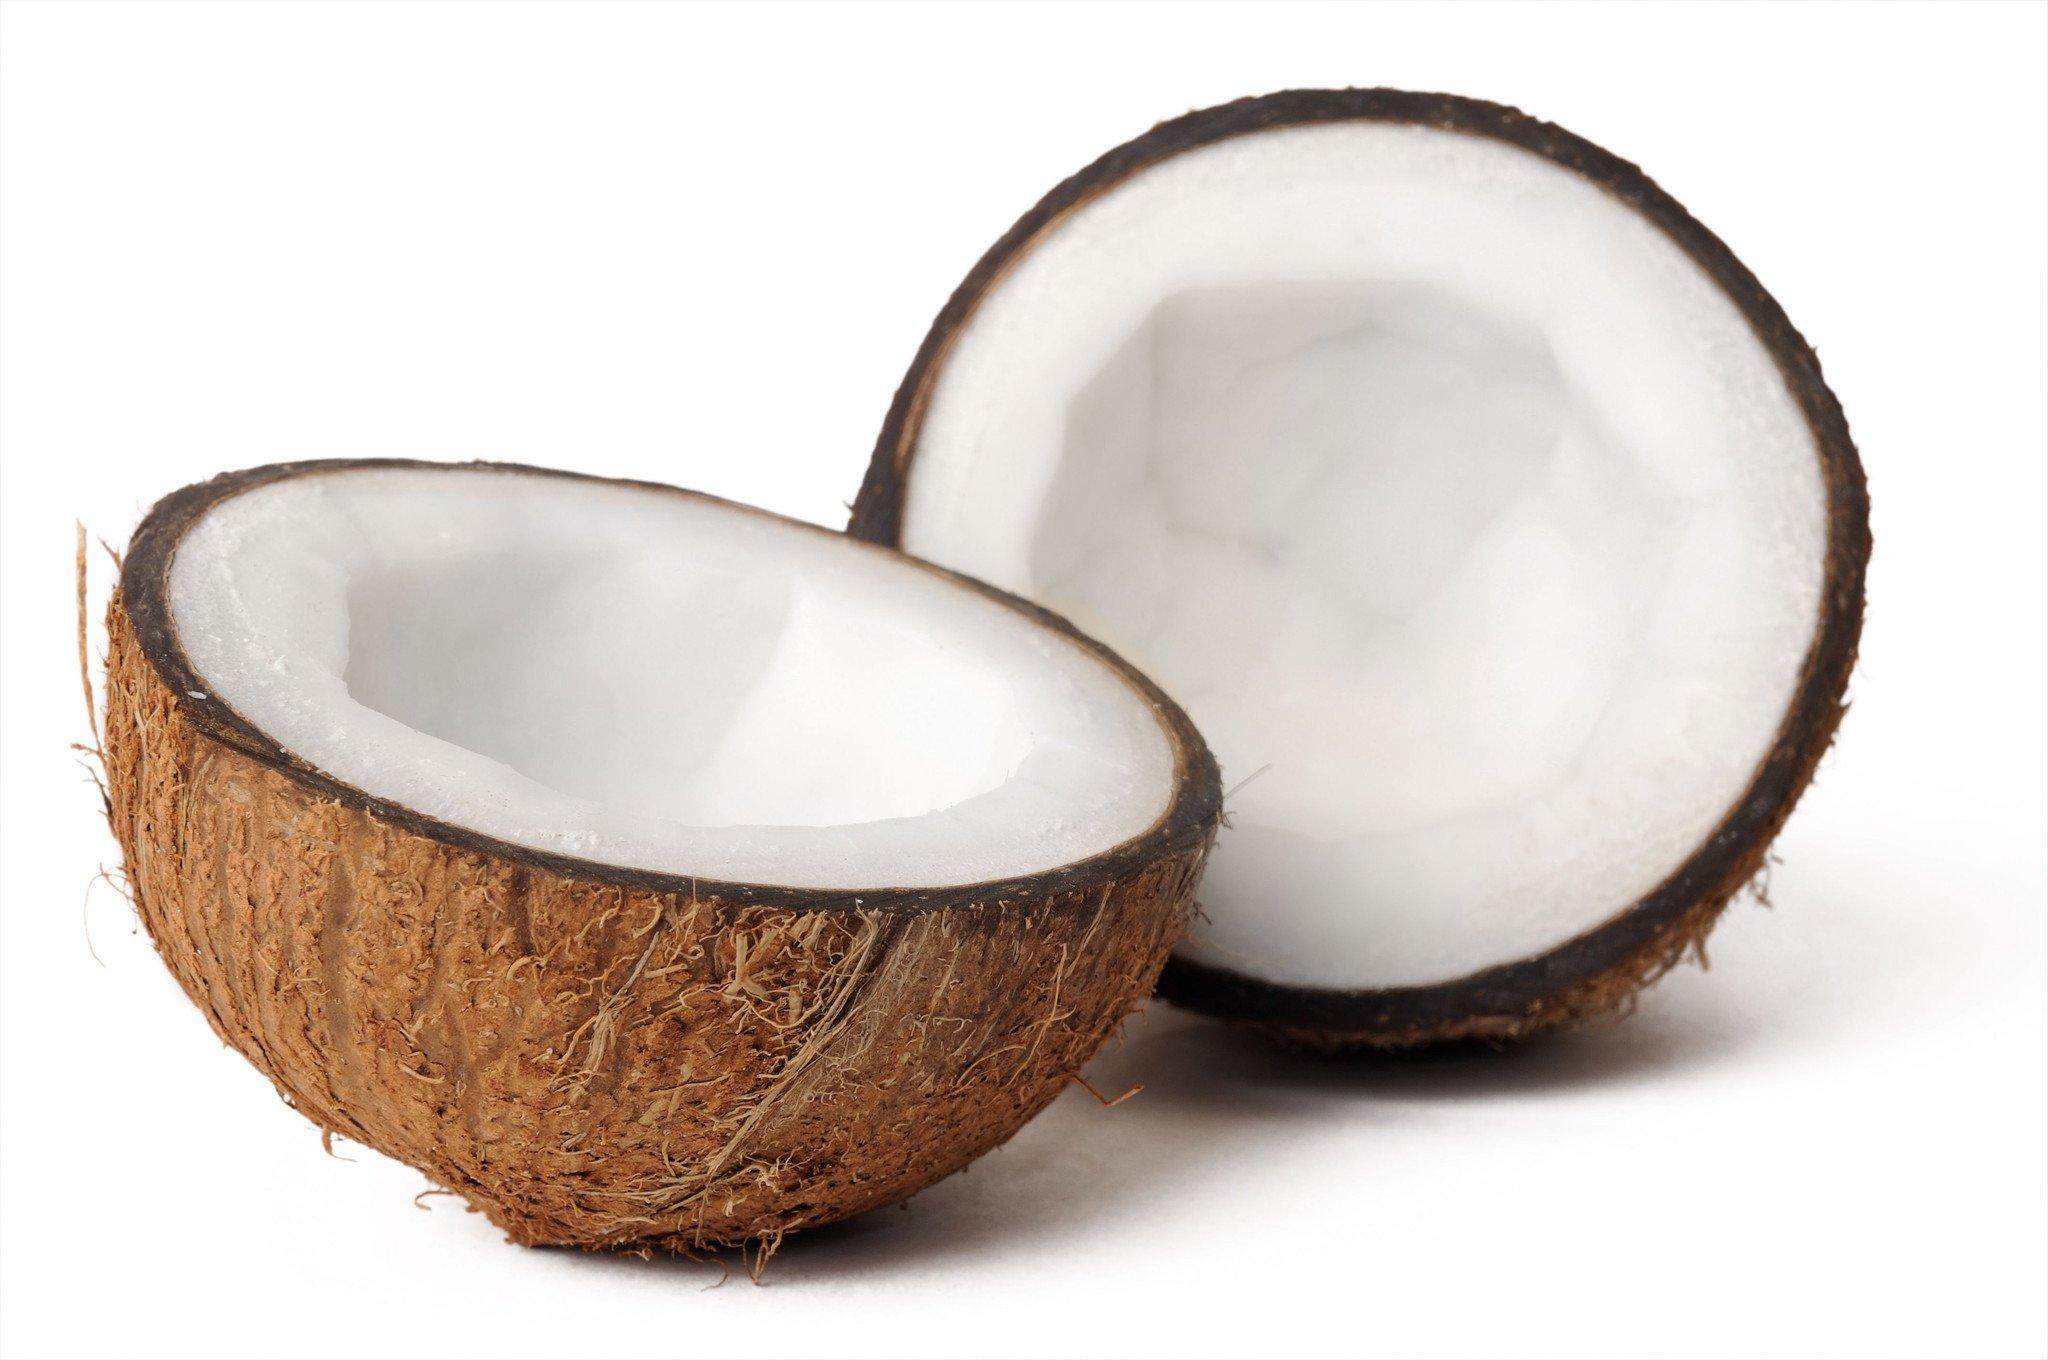 Kokosöl - ein Hauptprodukt für Naturkosmetik